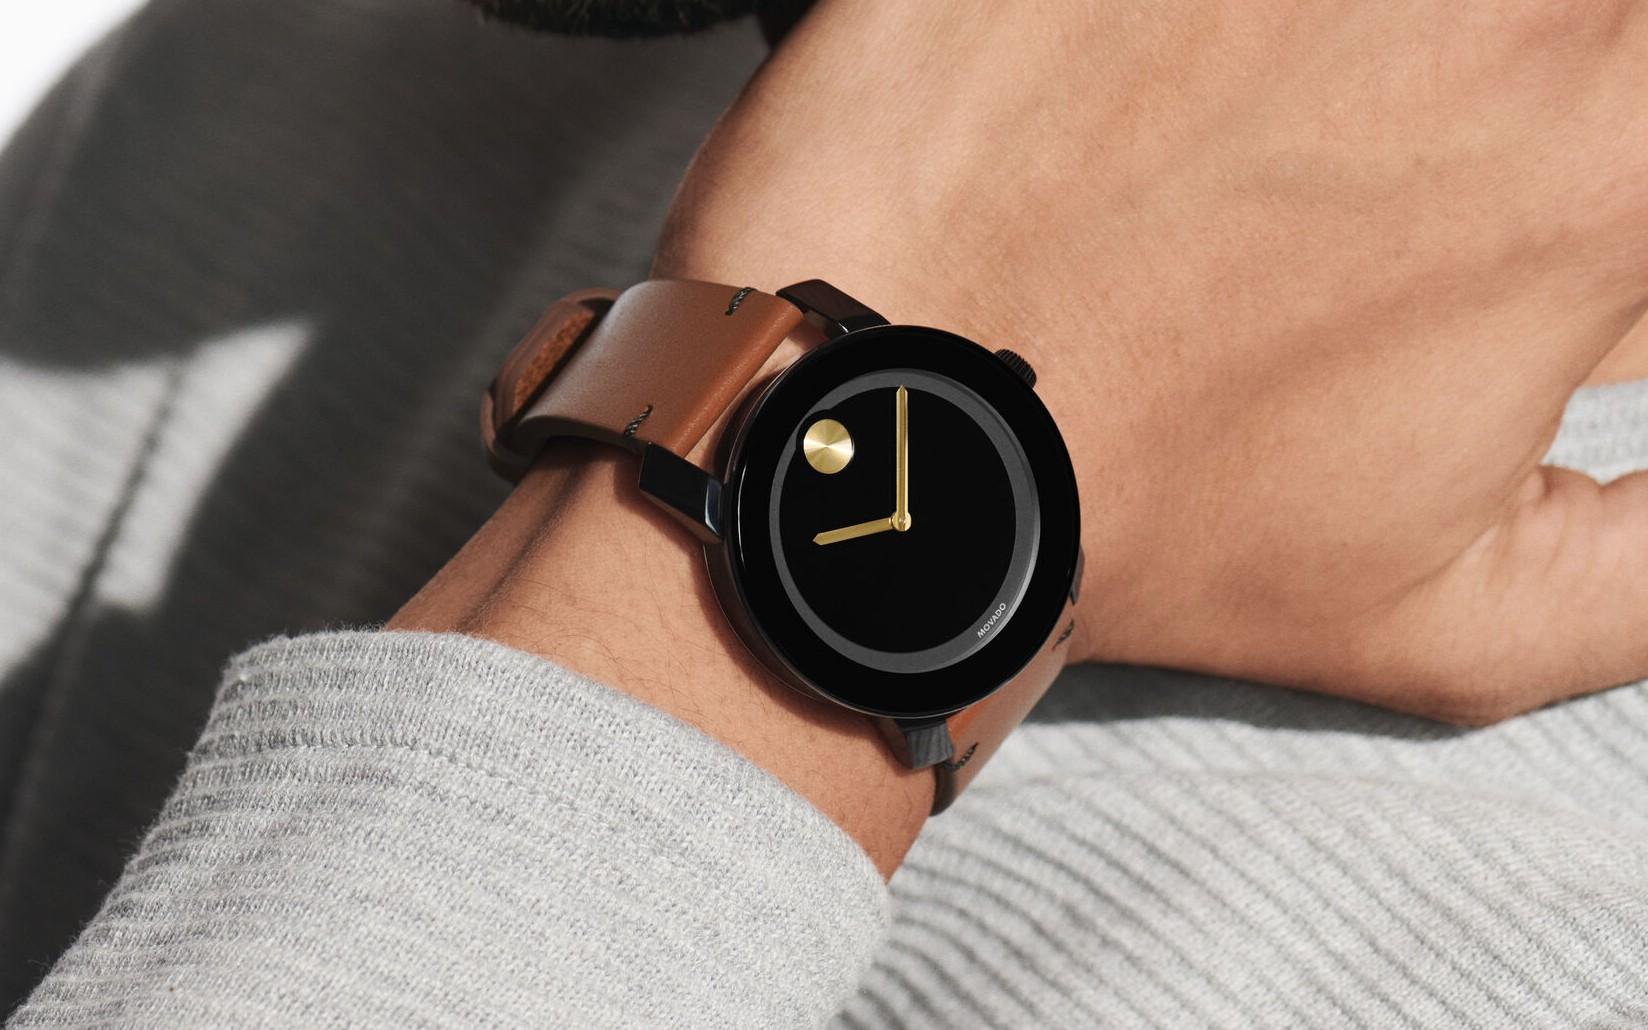 Đồng hồ nam Movado Bold máy pin đang giảm giá rất tốt tại Mỹ